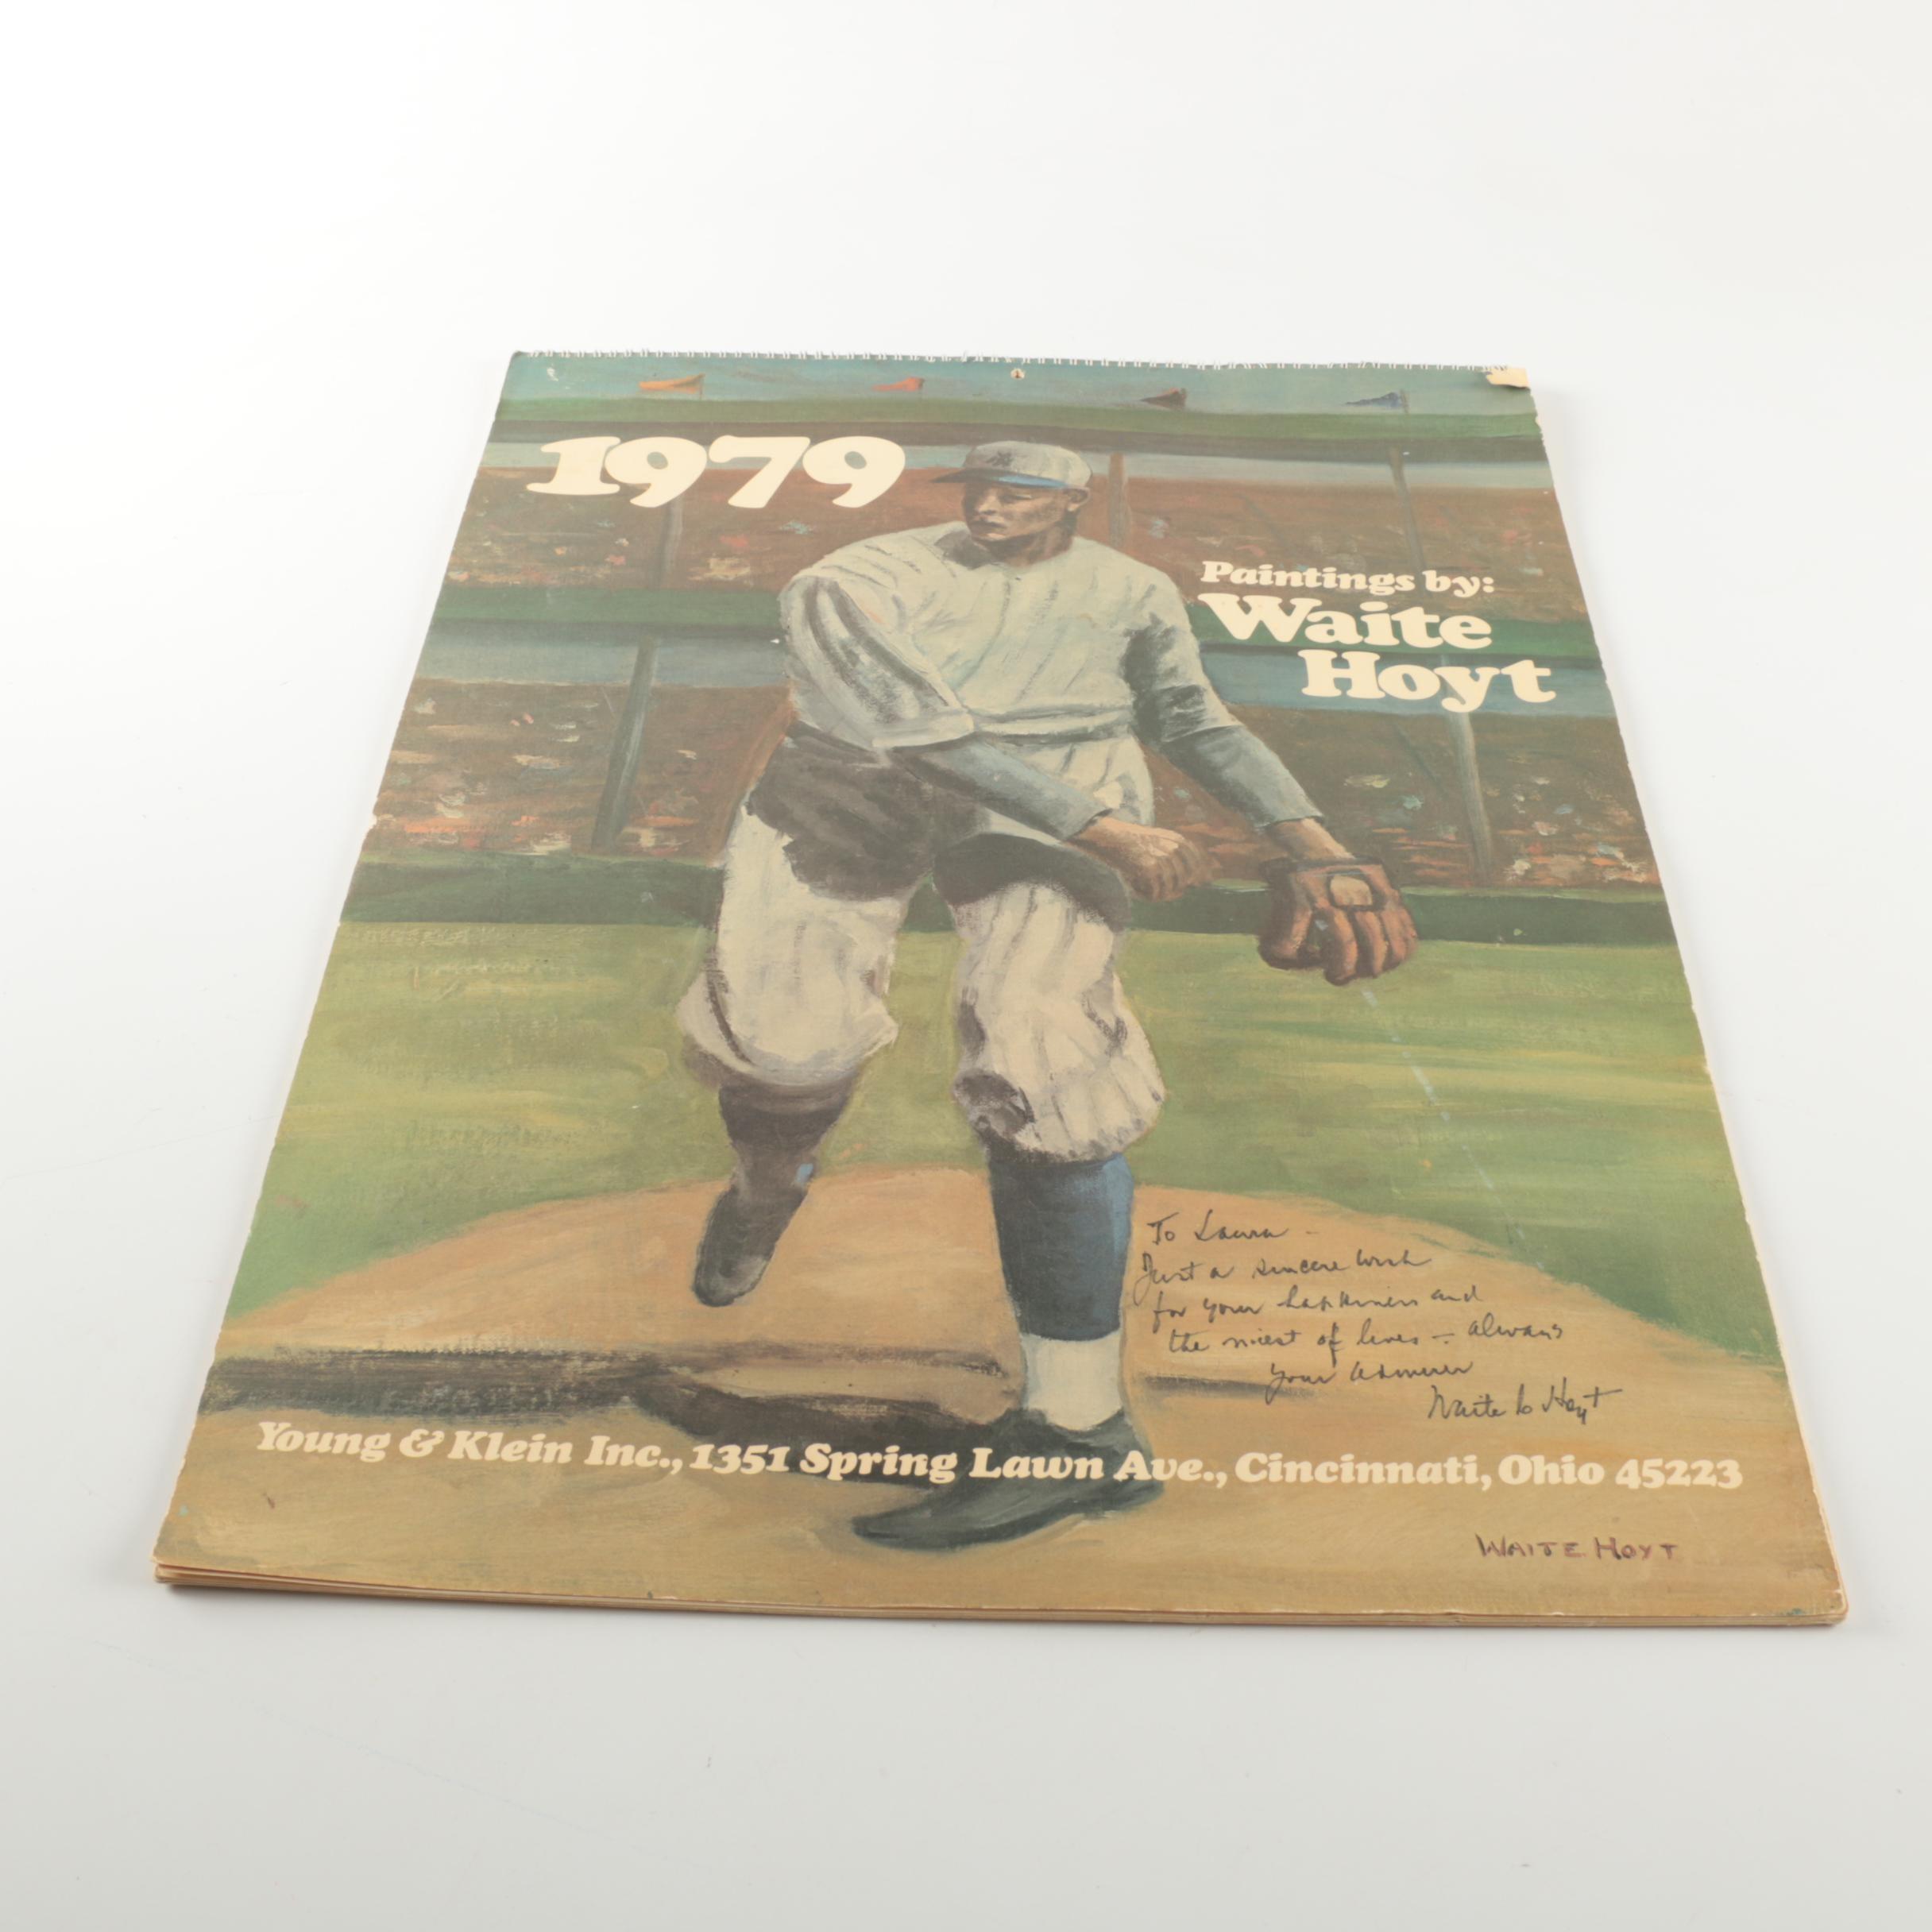 1979 Vintage Calendar Signed by Waite Hoyt